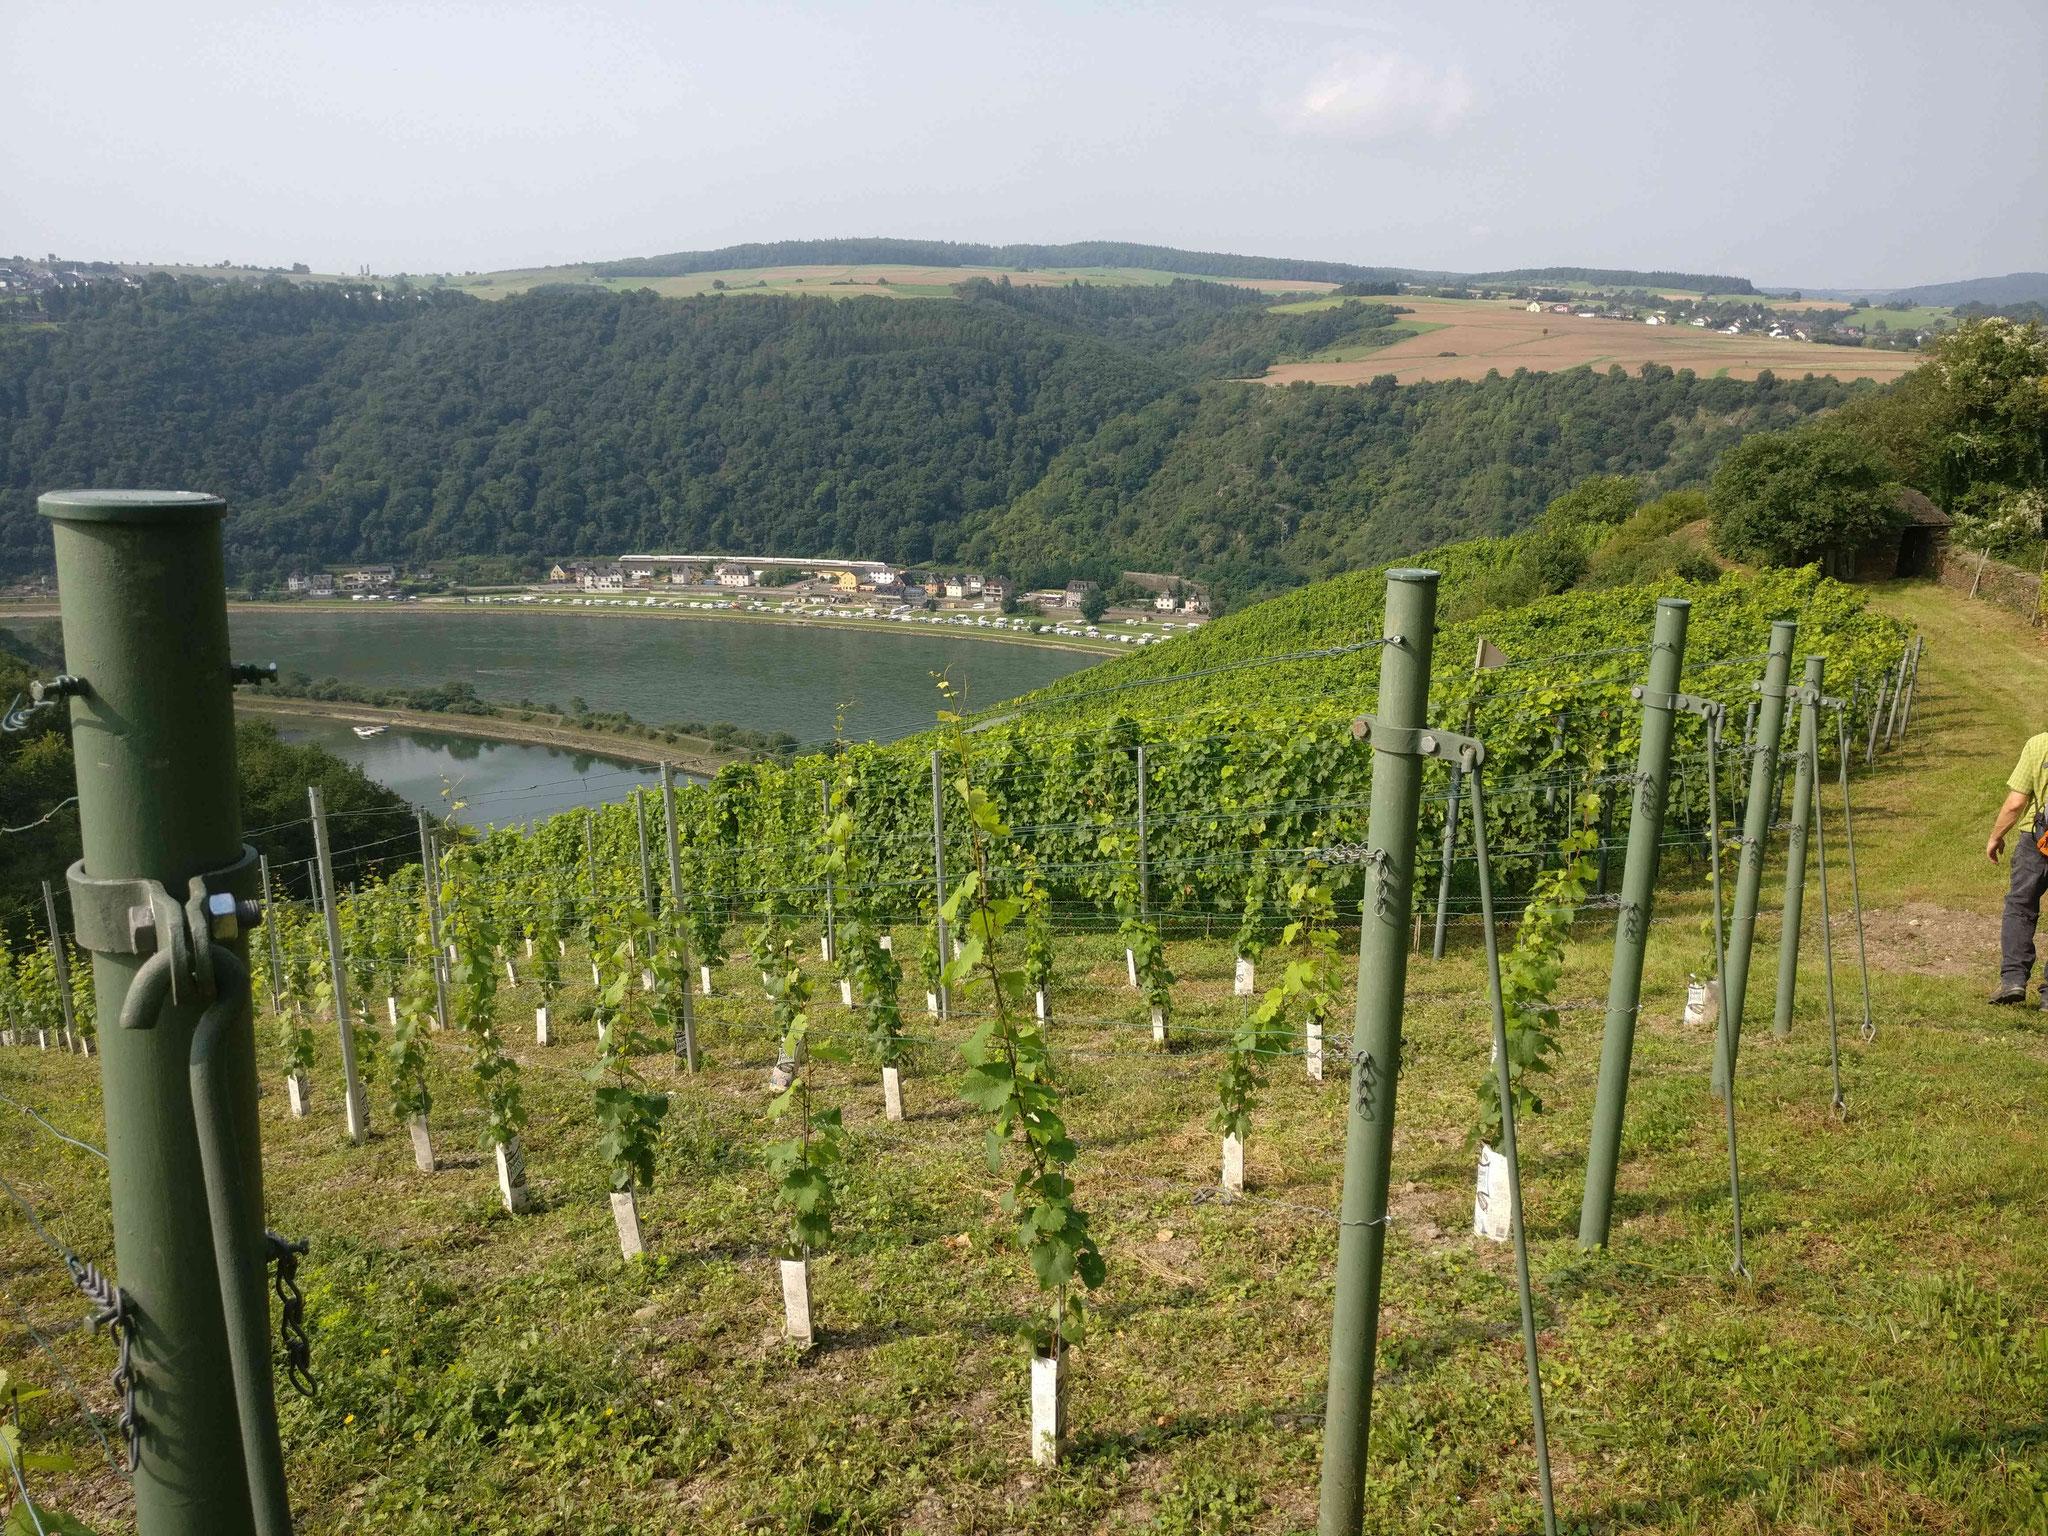 """Blick aus den Weinbergen unterhalb der Loreley im """"oberen Mittelrheintal"""" auf St. Goar"""